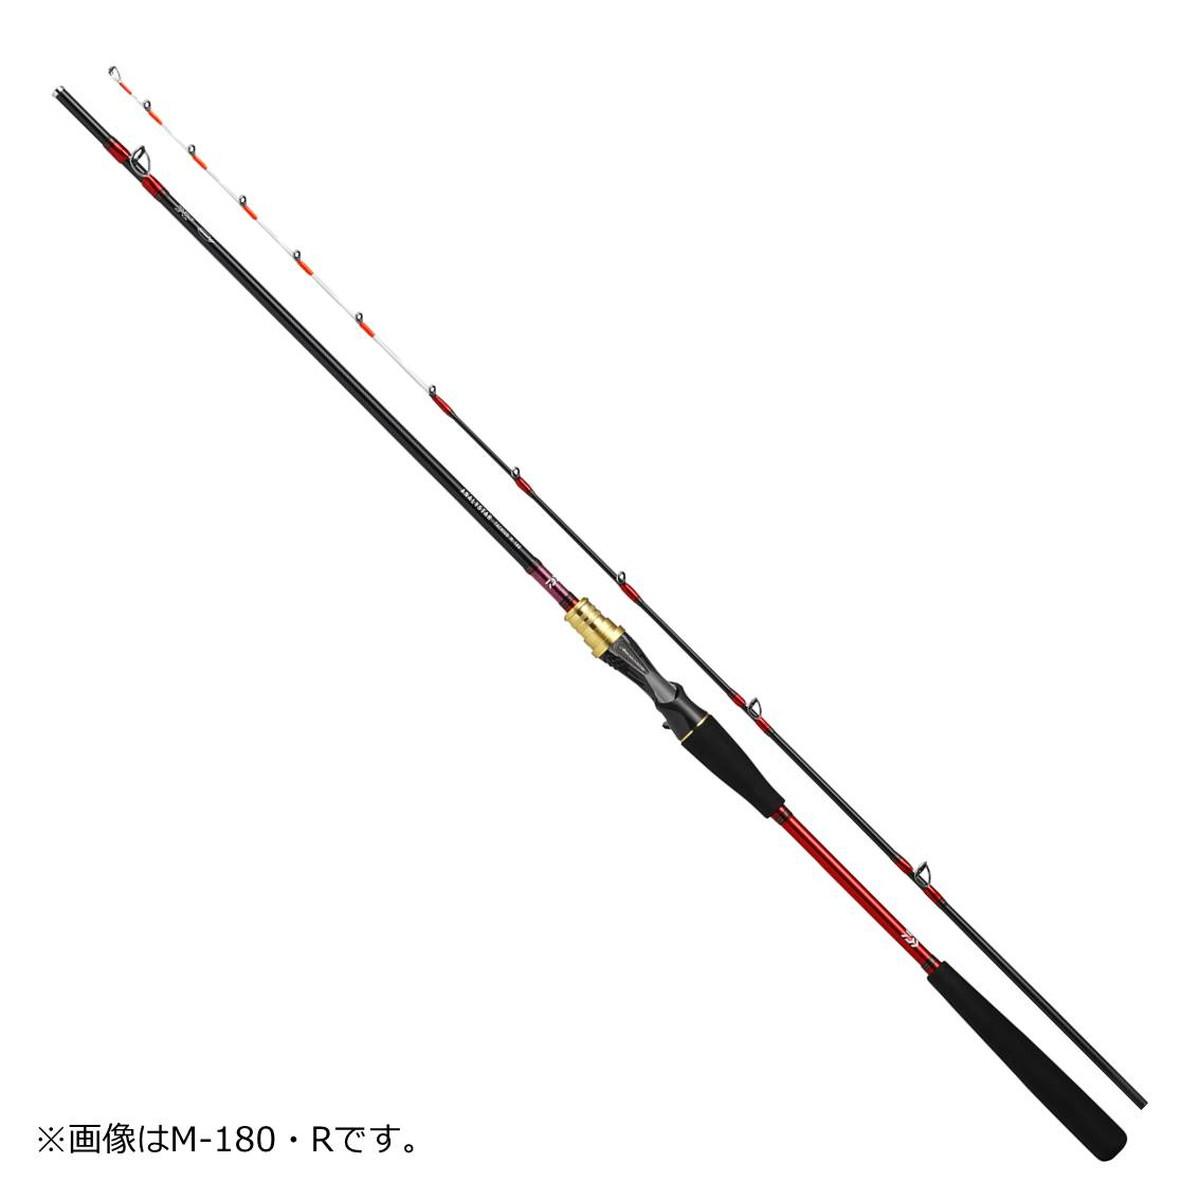 【送料無料5】ダイワ ロッド アナリスター タチウオ MH-180・R 【2020年新製品】